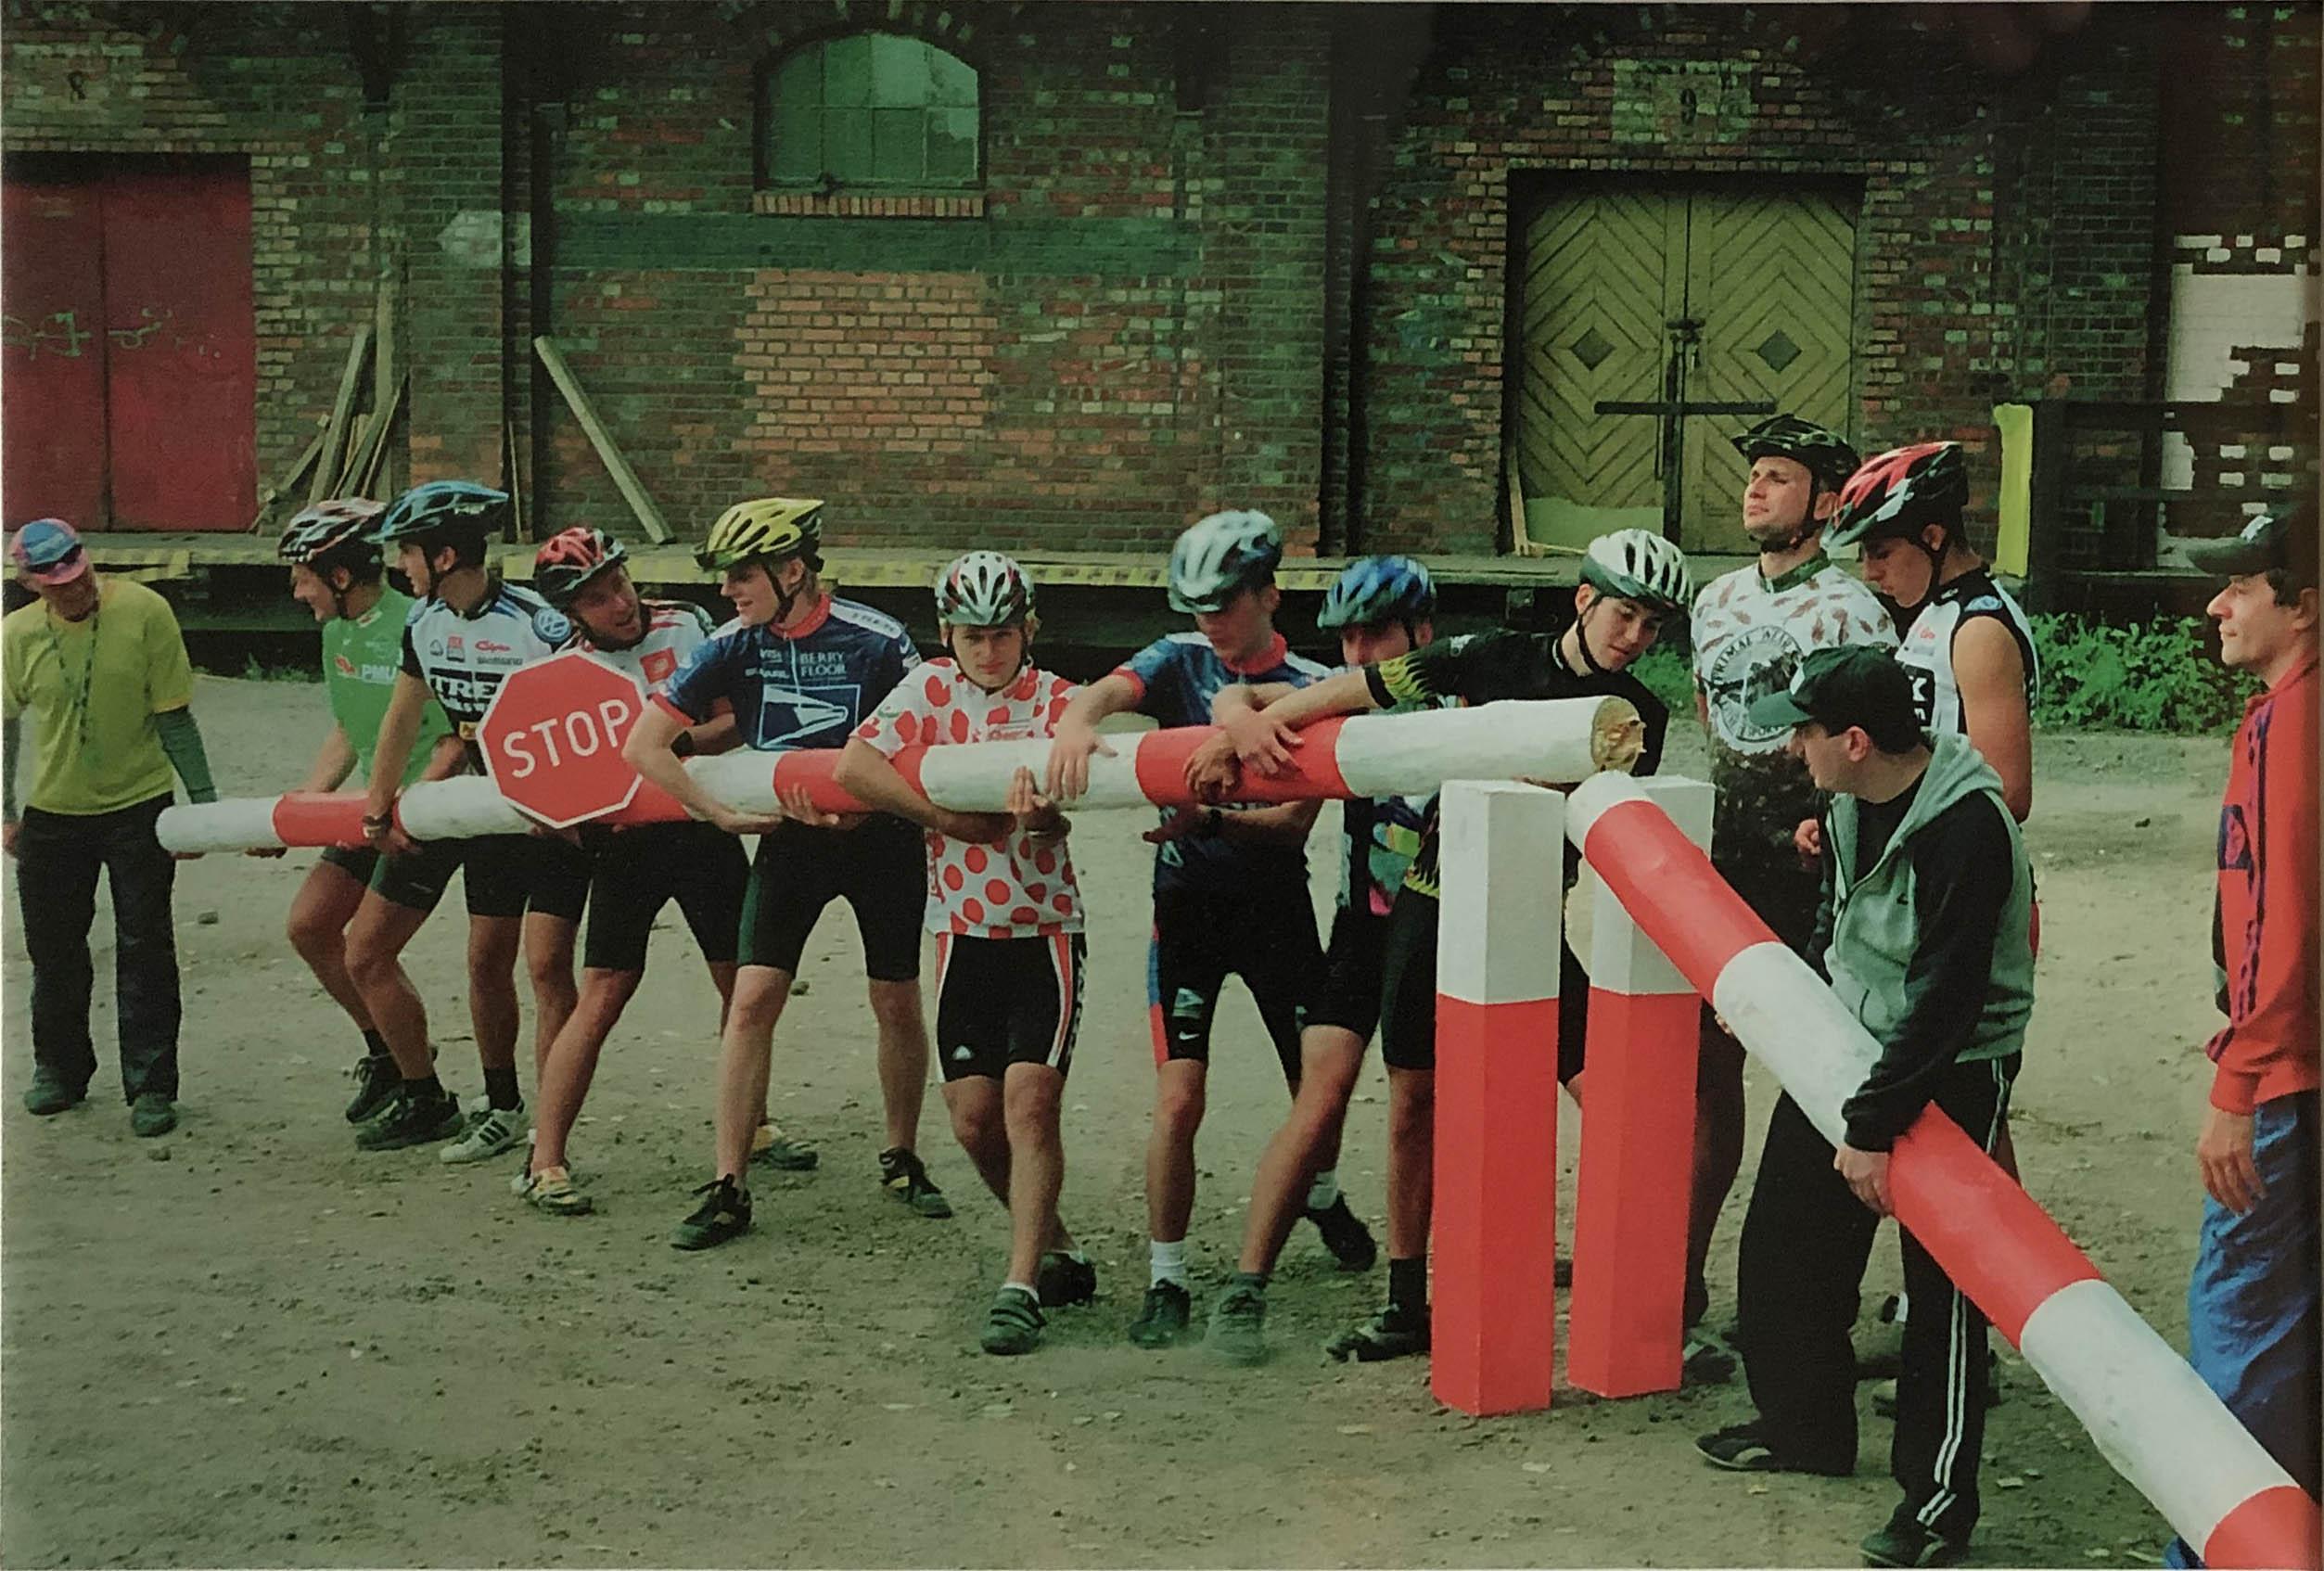 Kolarze z cyklu Pozytywy, 2004